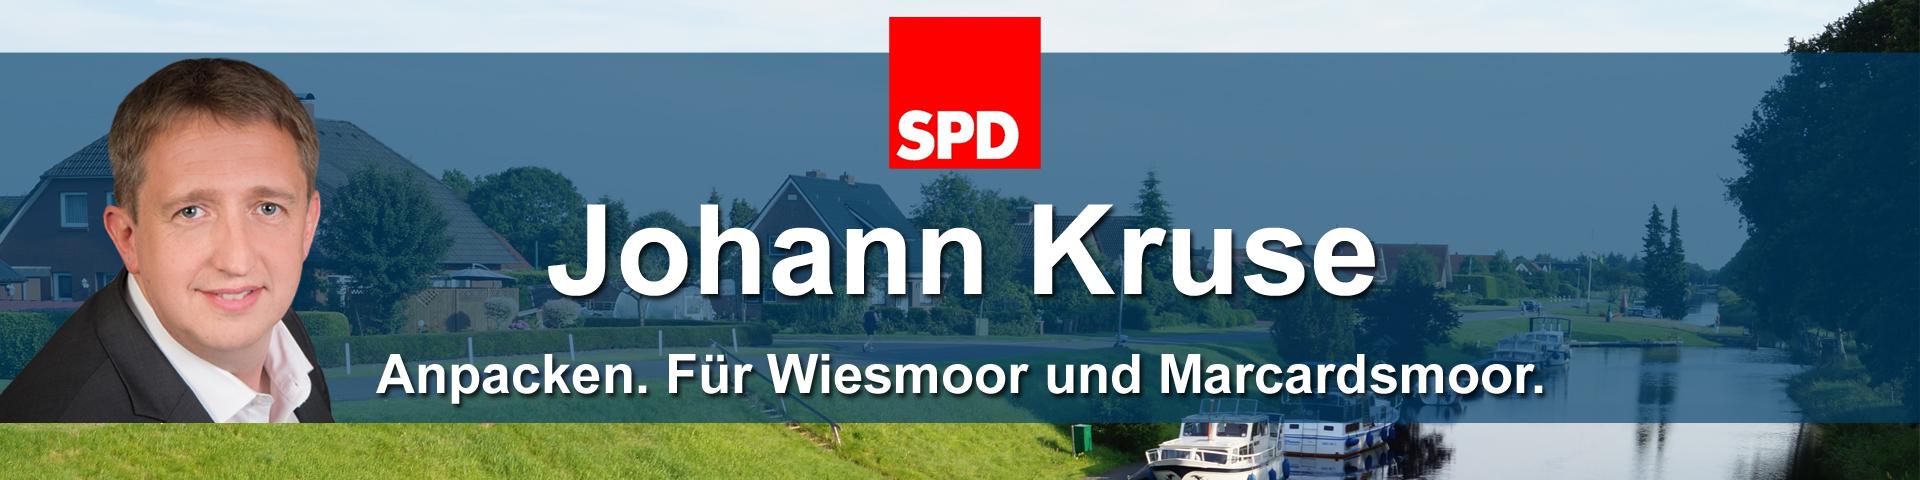 Johann Kruse